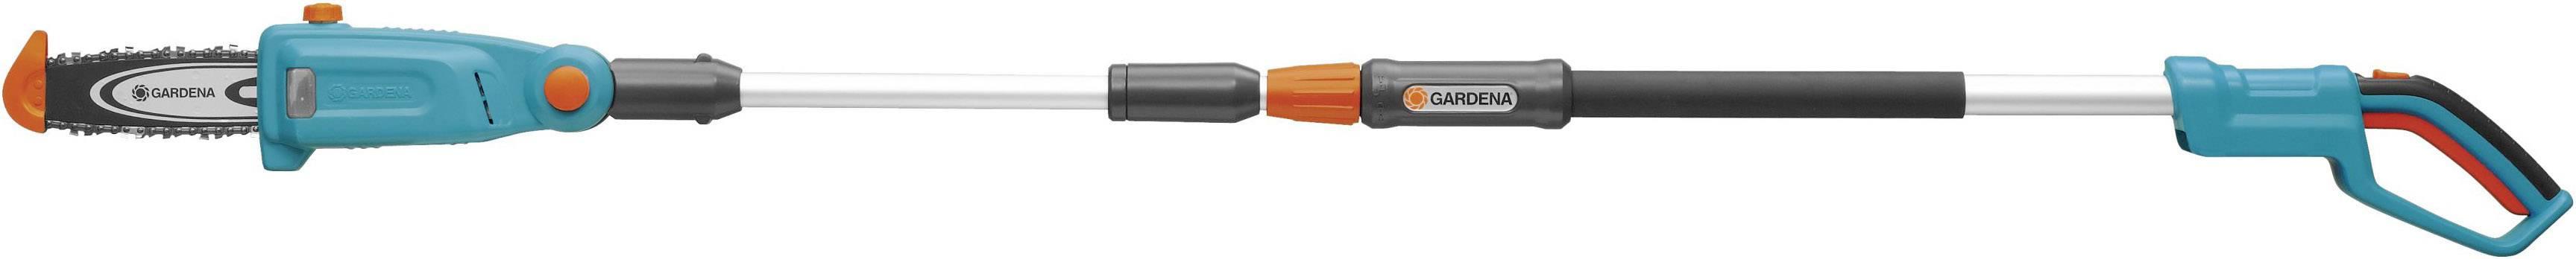 Akumulátorová prořezávač GARDENA 08866-55, 18 V Li-Ion akumulátor, nosný popruh, bez akumulátoru